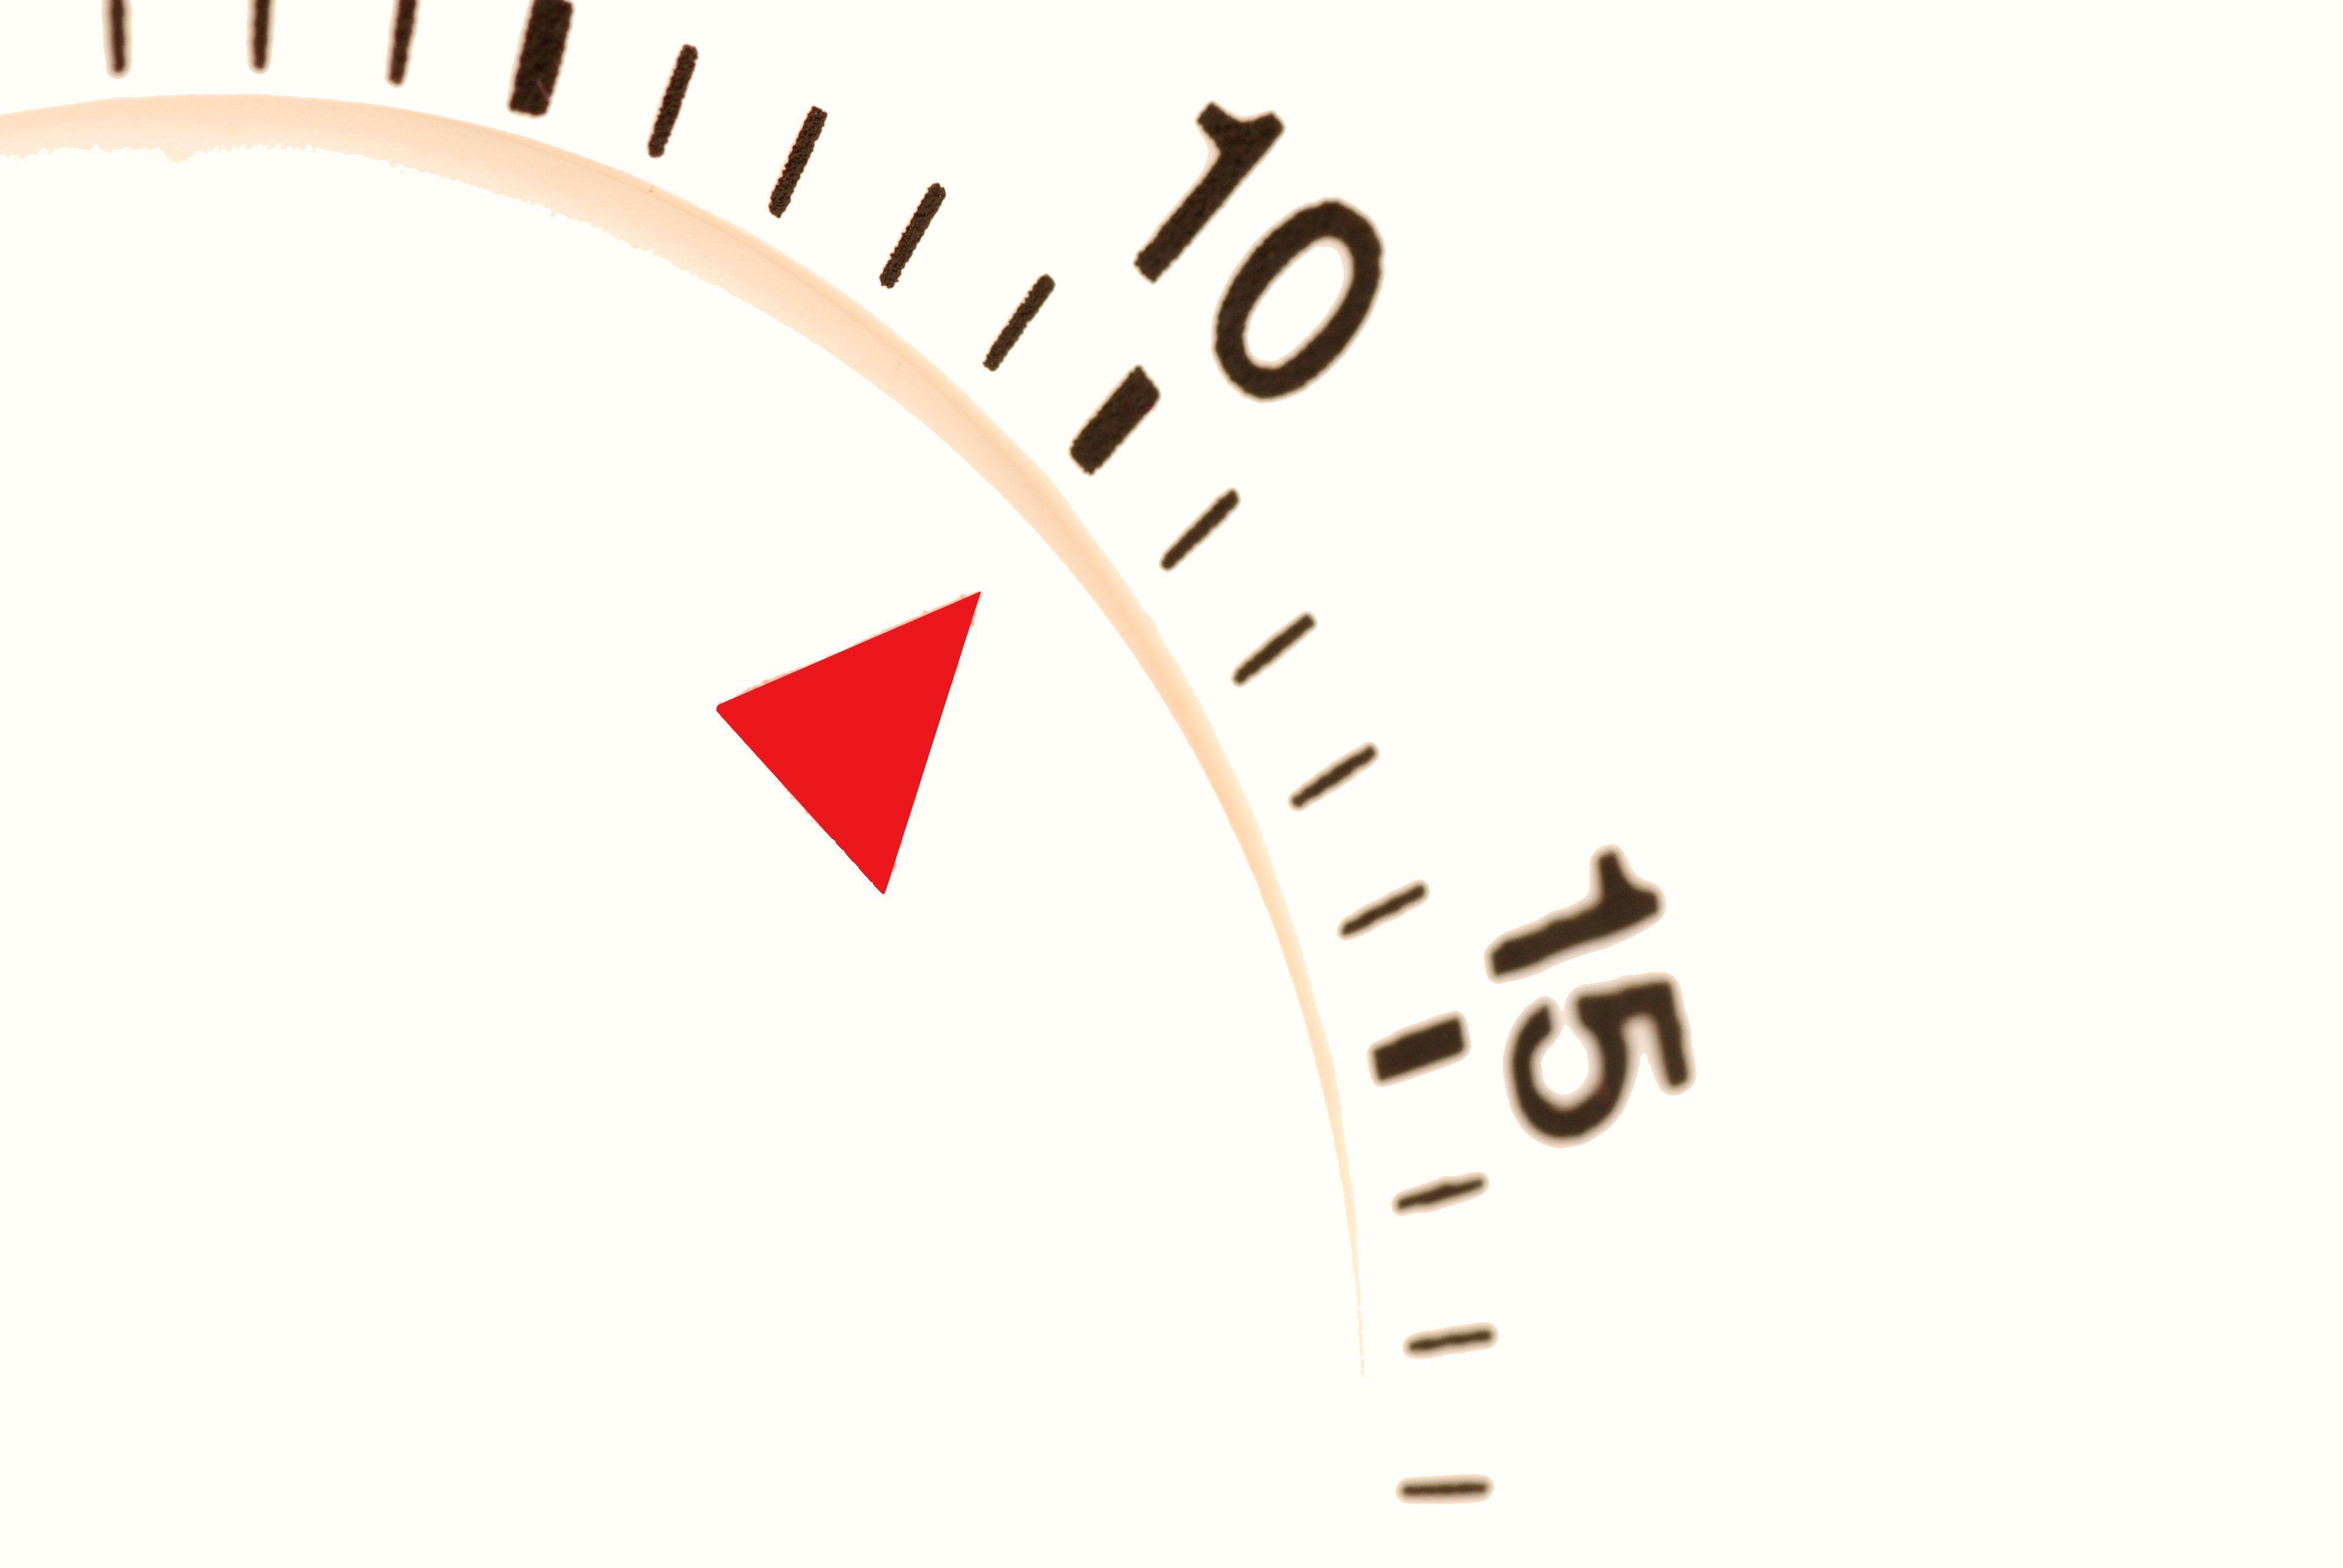 10-minute cancer test-a no-go for pediatrics?